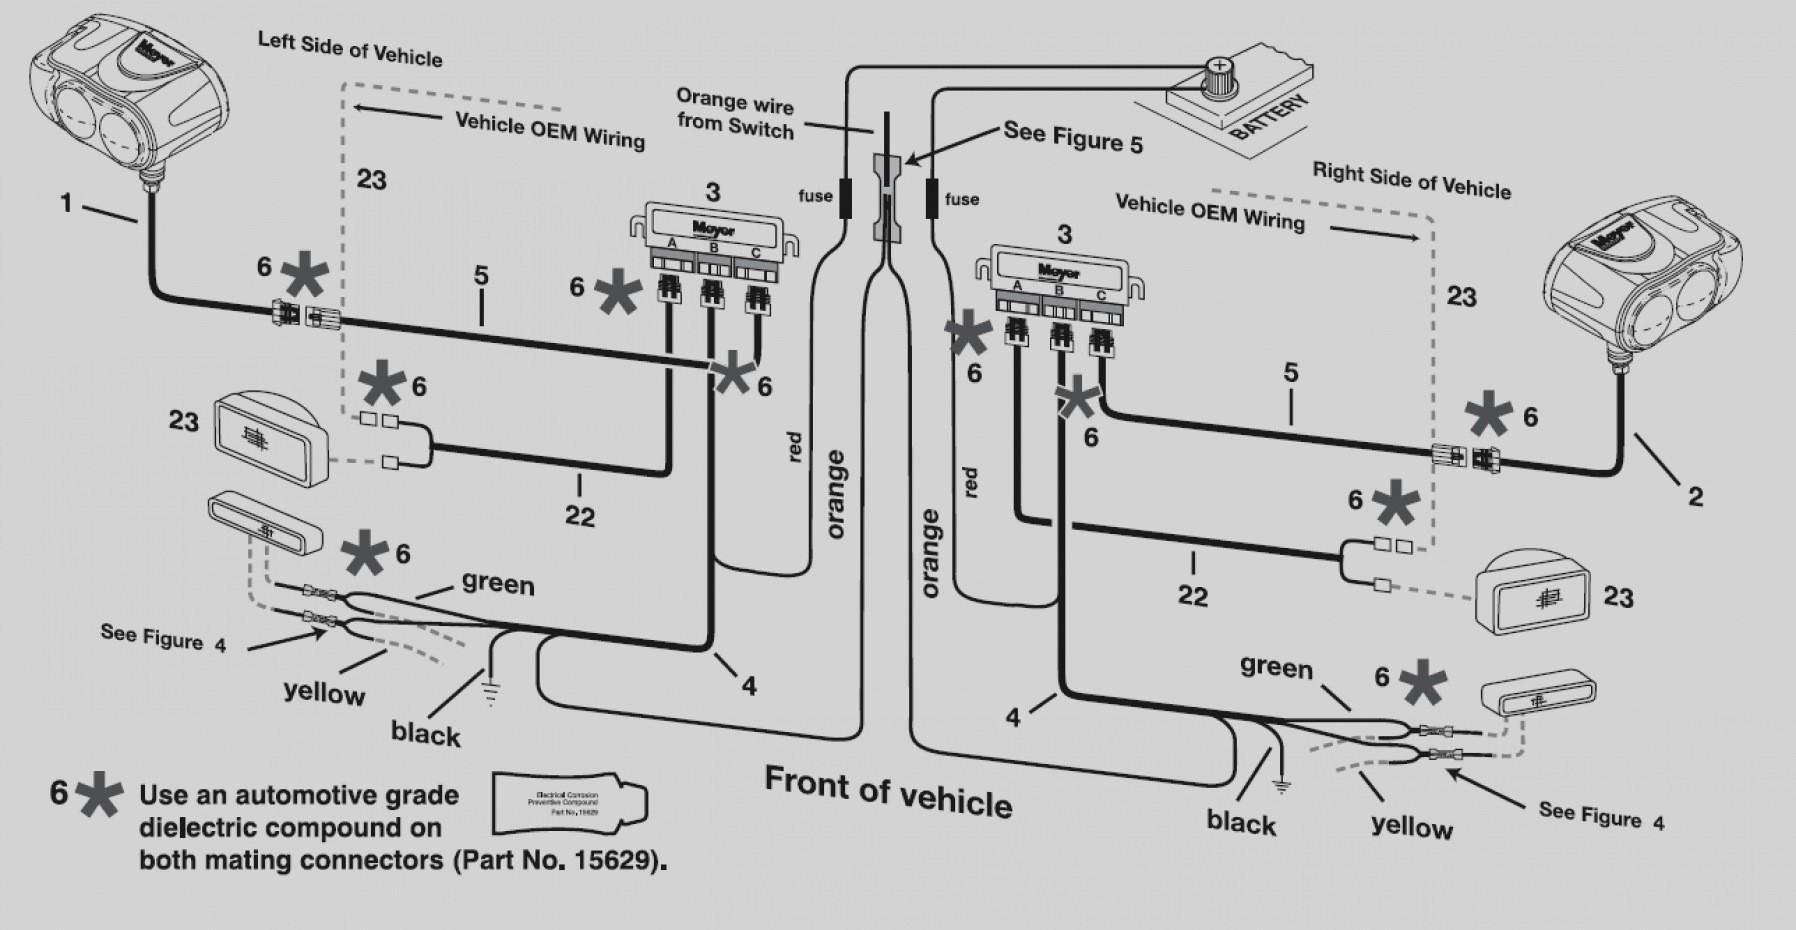 boss snow plow wiring schematic wire center u2022 rh 208 167 249 254 boss snow plow solenoid wiring diagram boss snow plow wiring diagram truck side